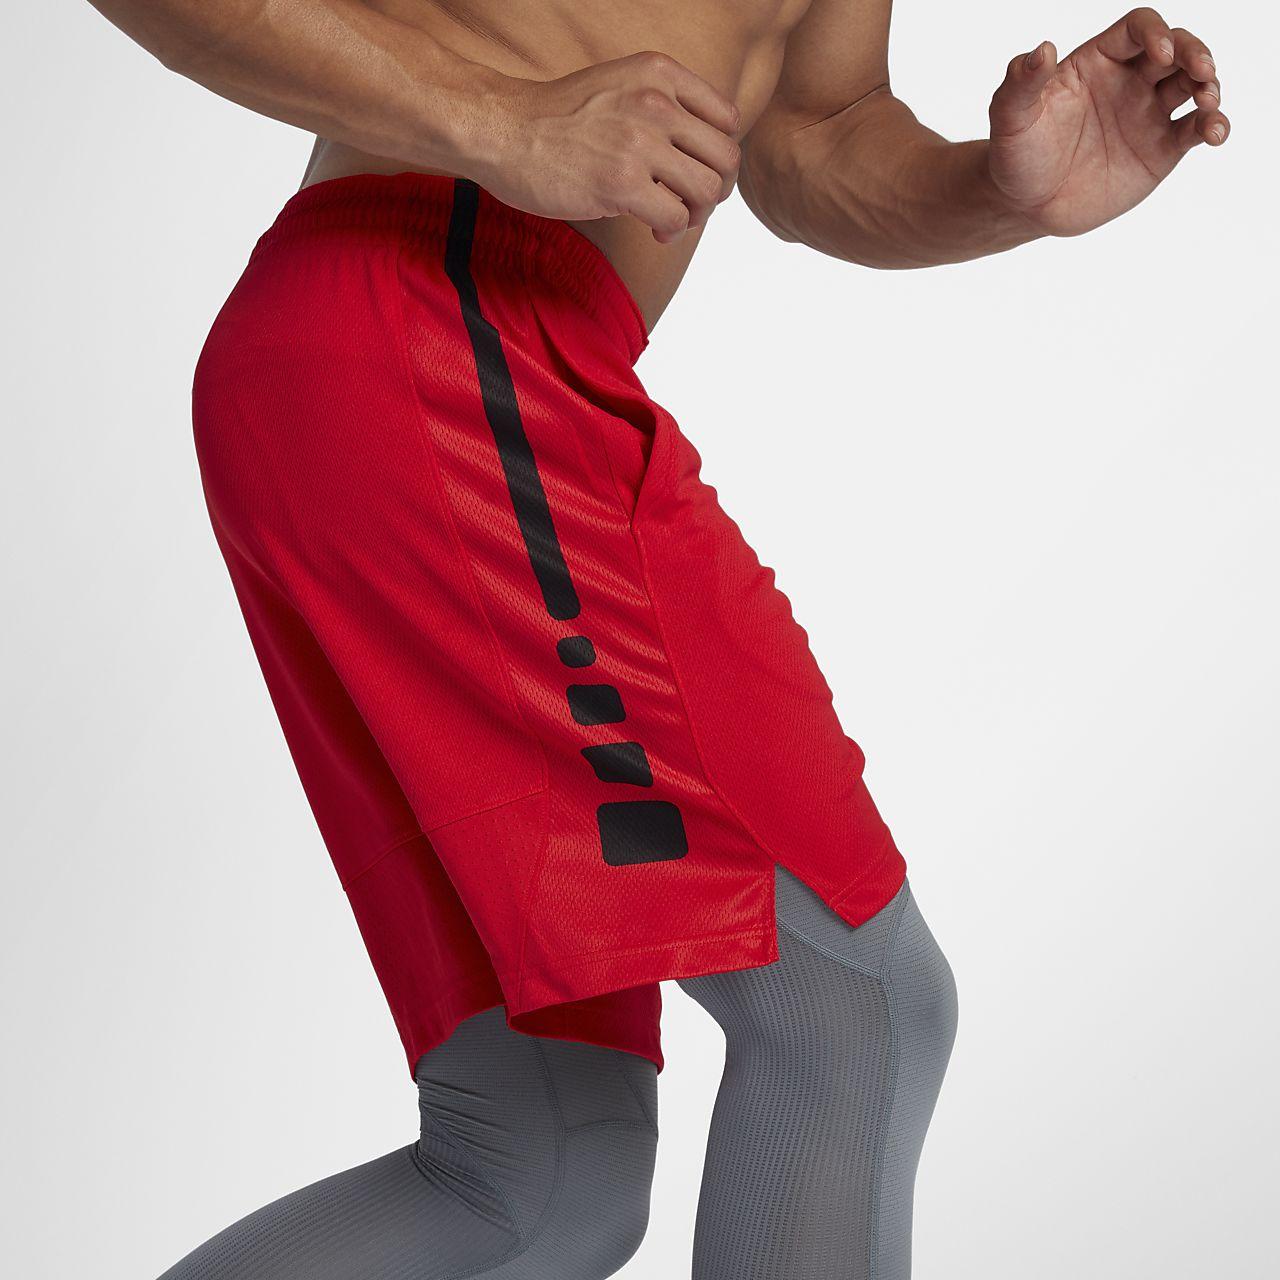 街球篮球裤男 短裤宽松运动训练裤 球裤定制 红黑白灰4色双侧口袋